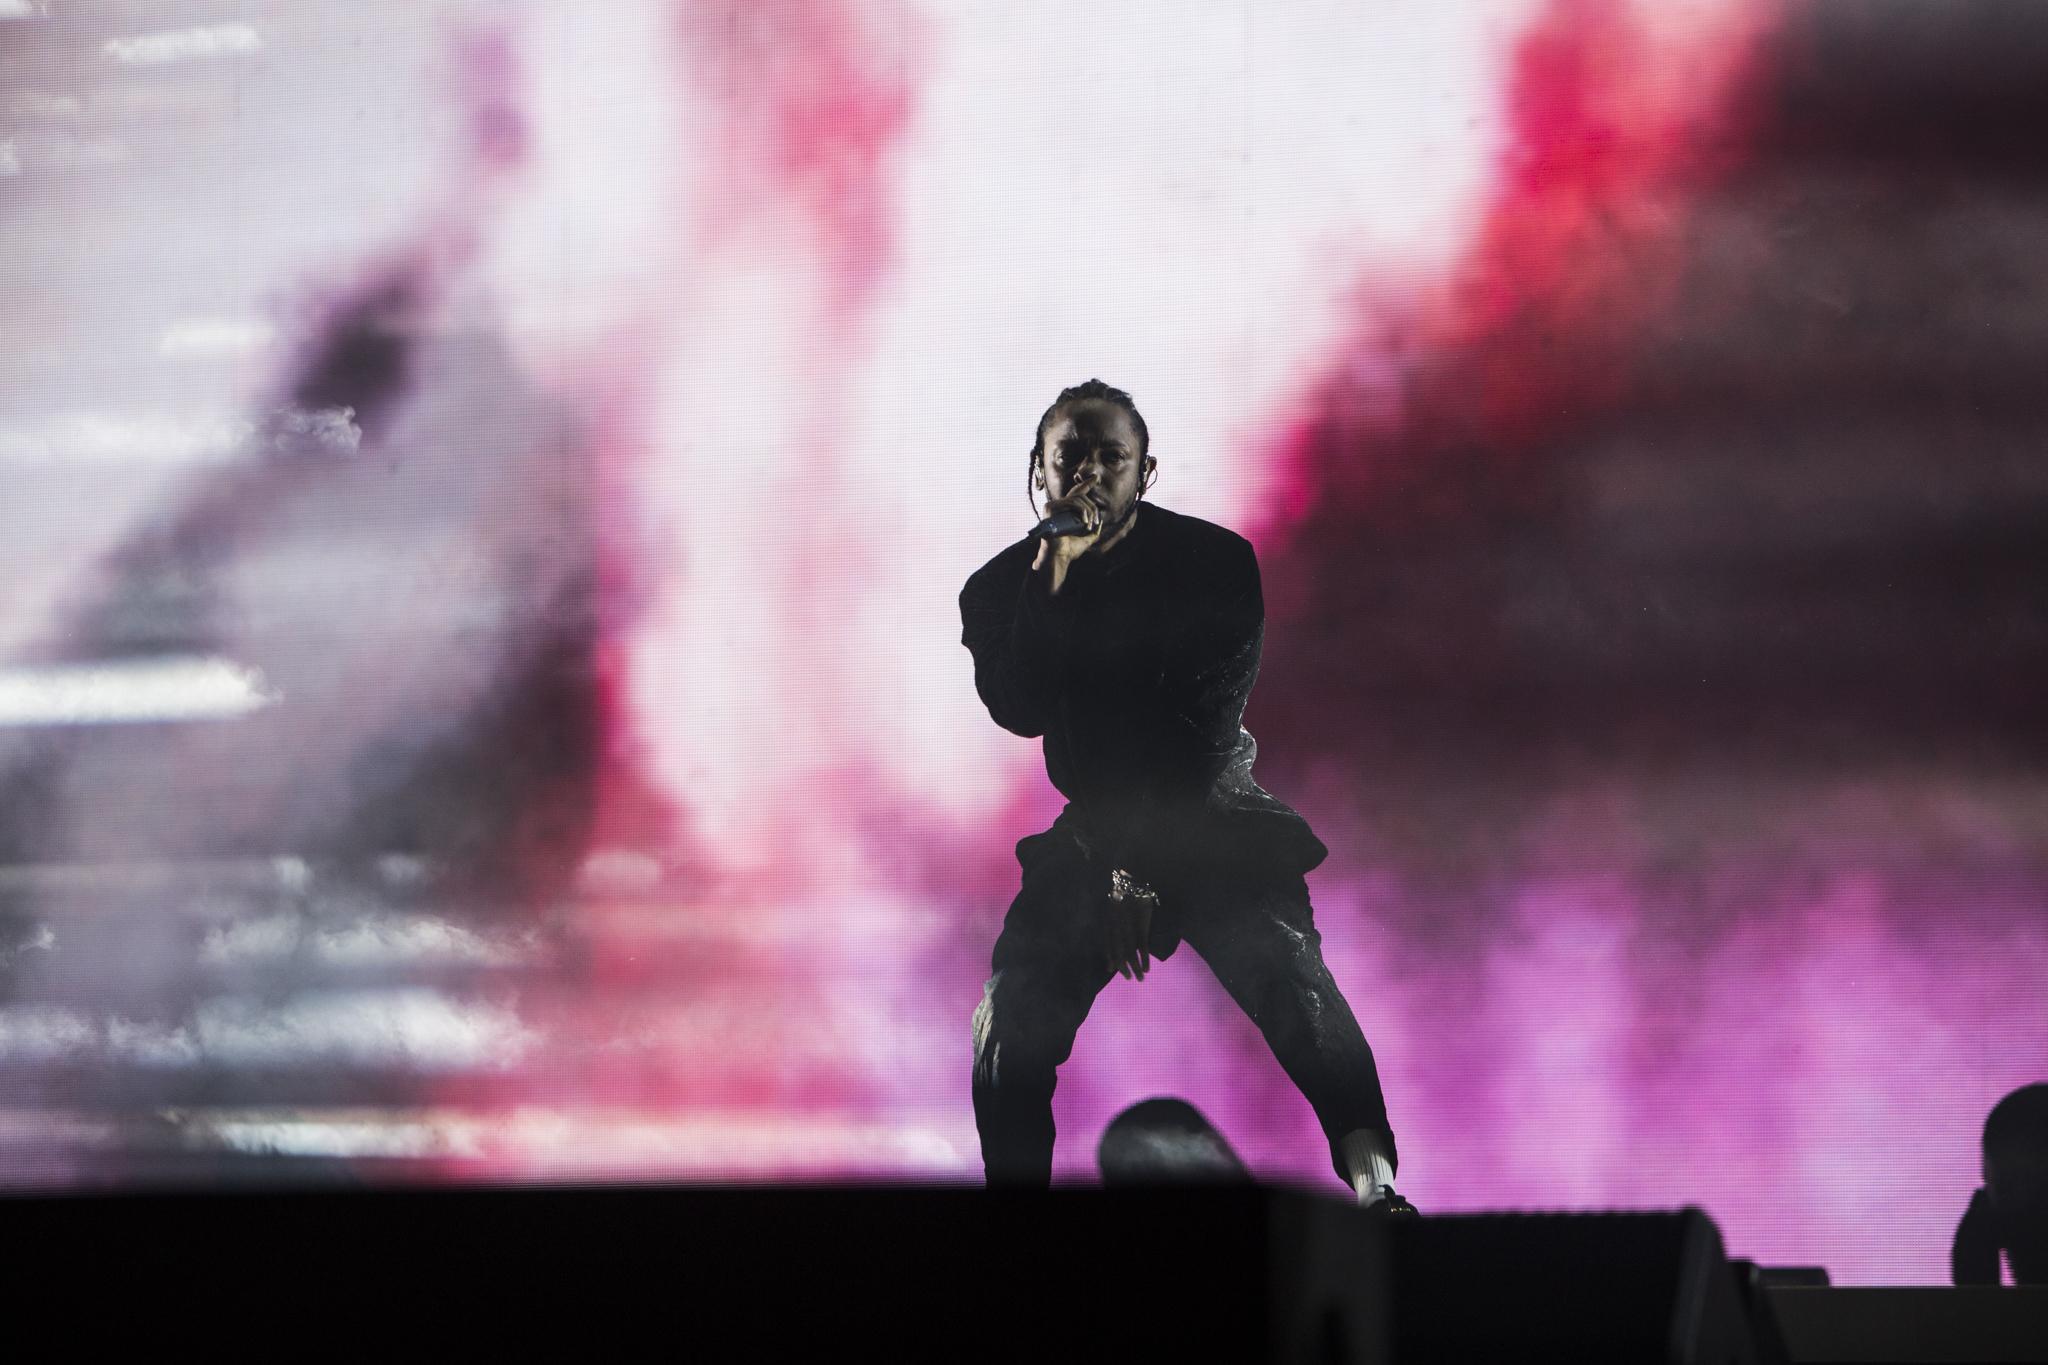 kendrick lamar 2 Coachella Review: Kendrick Lamar Delivers a DAMN. Good Performance